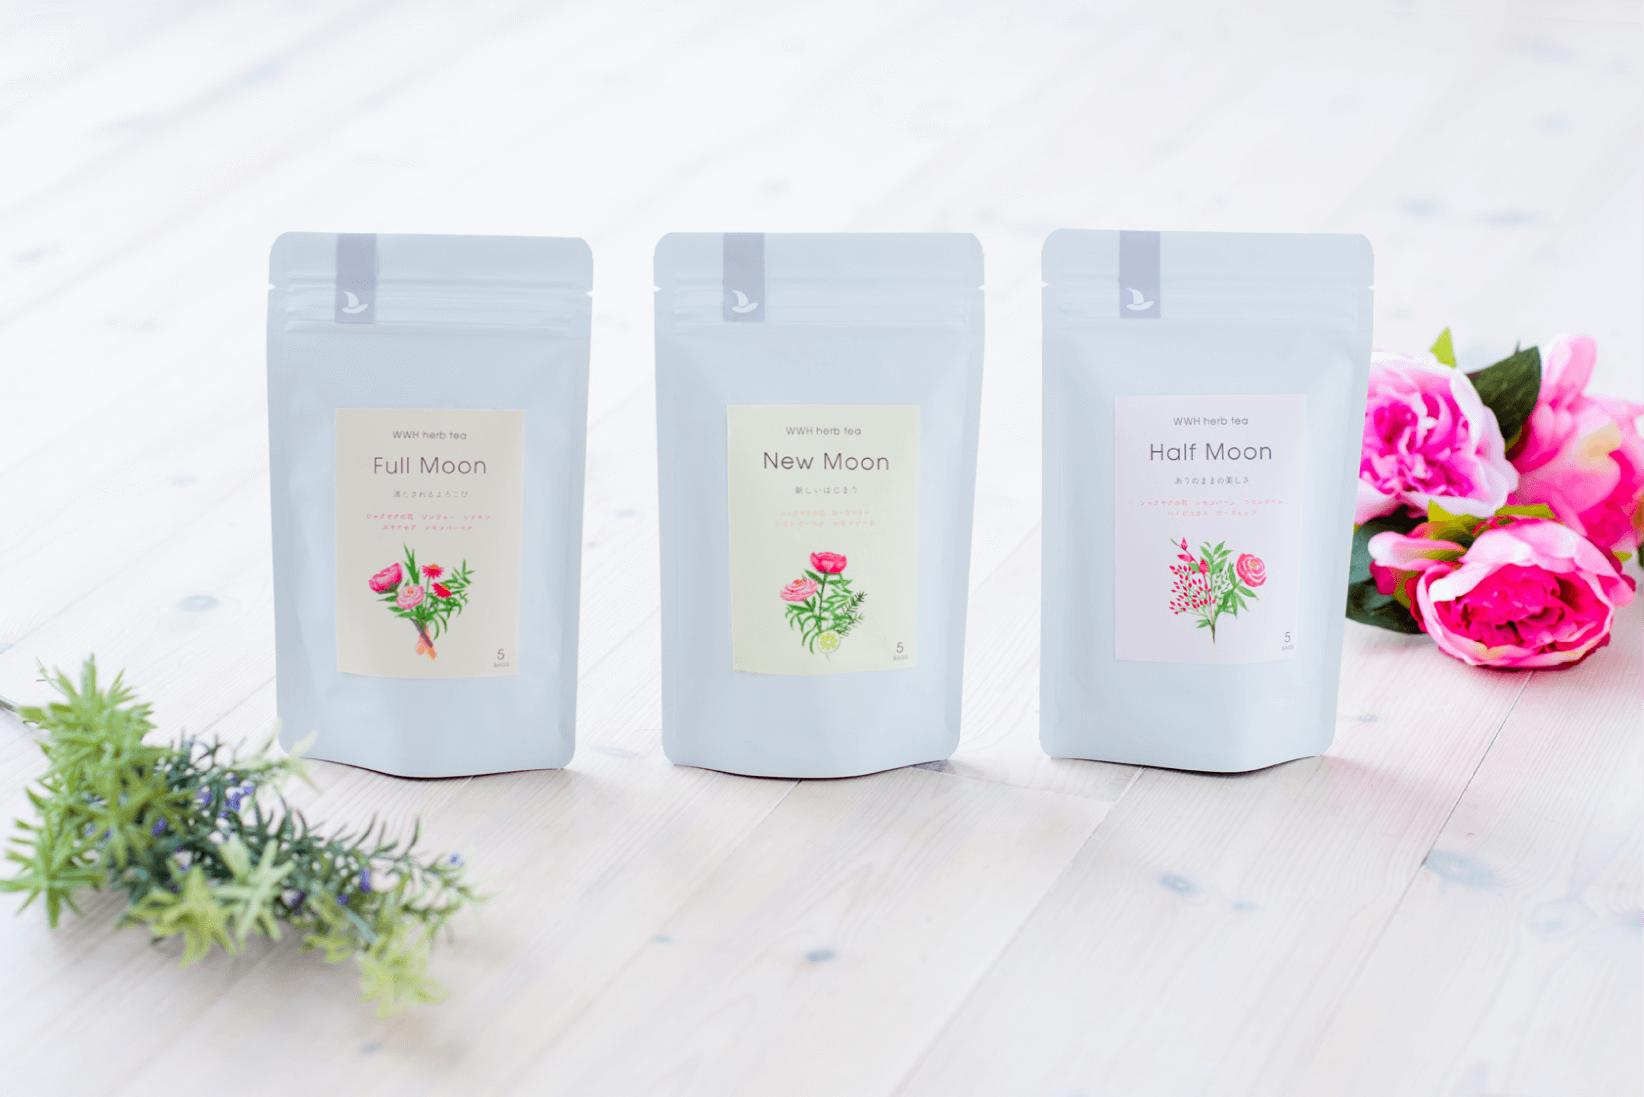 WWH herb tea Full Moon / New Moon / Half Moon